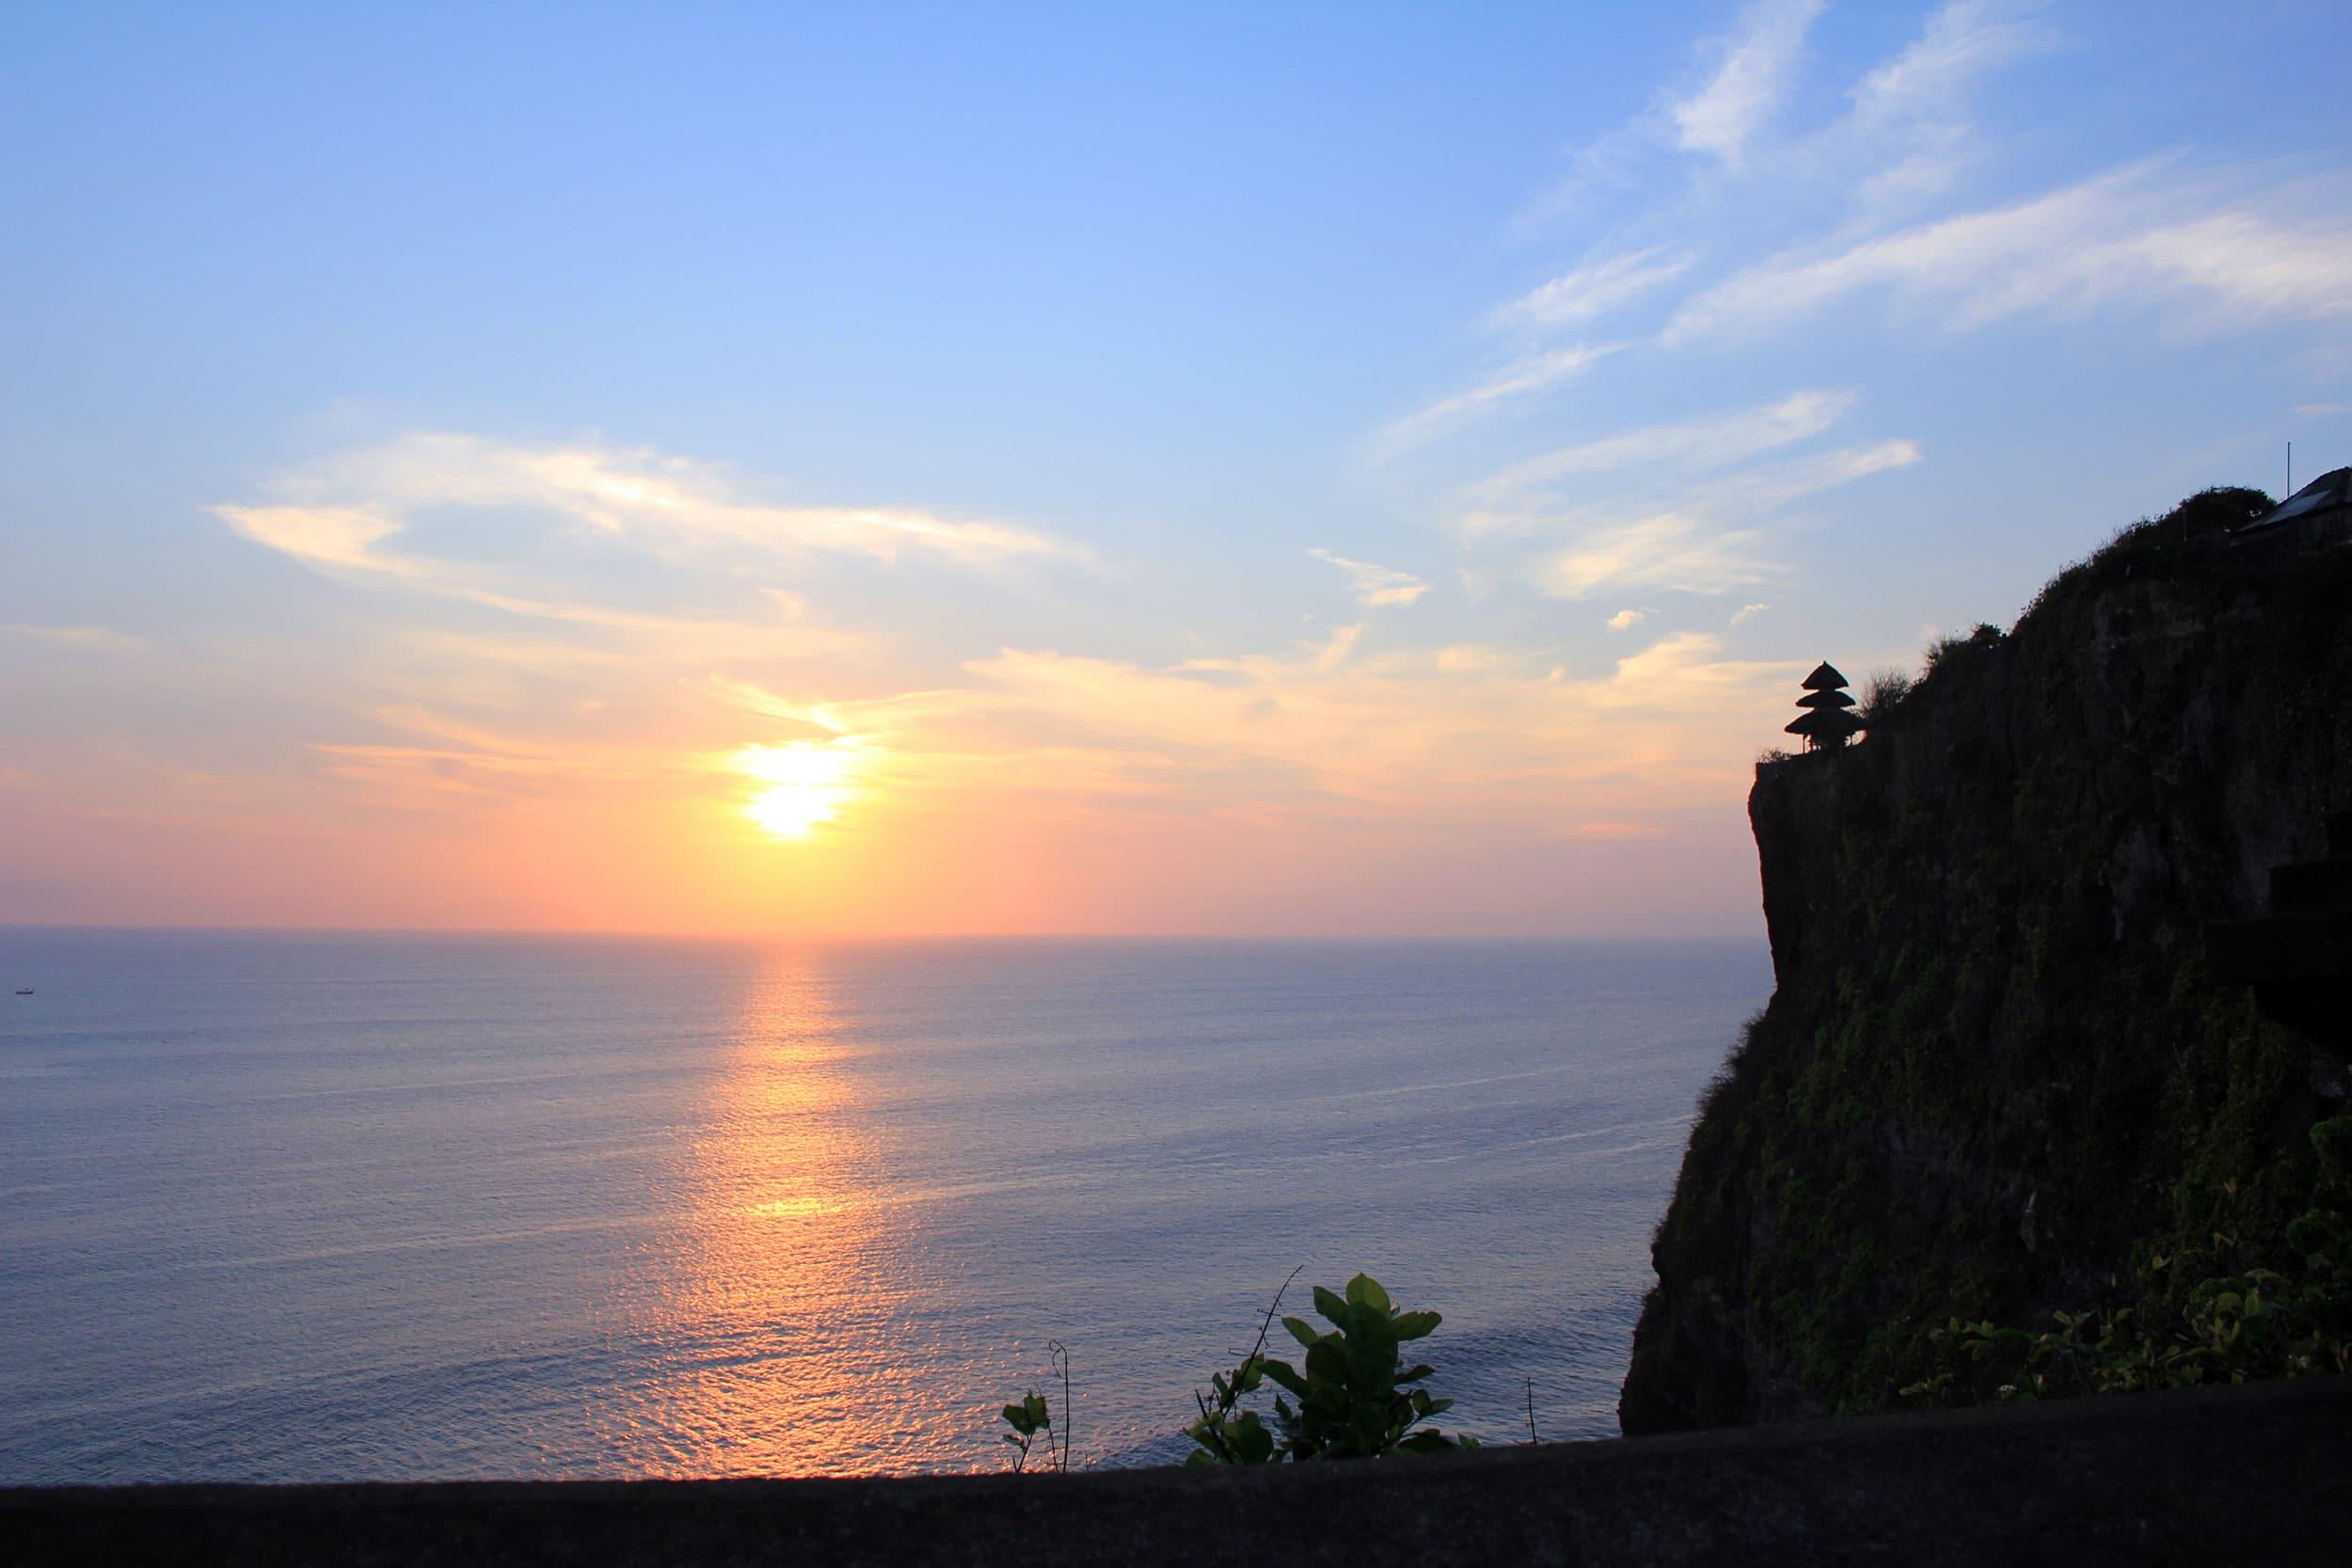 Bali sunset • The Petite Wanderess